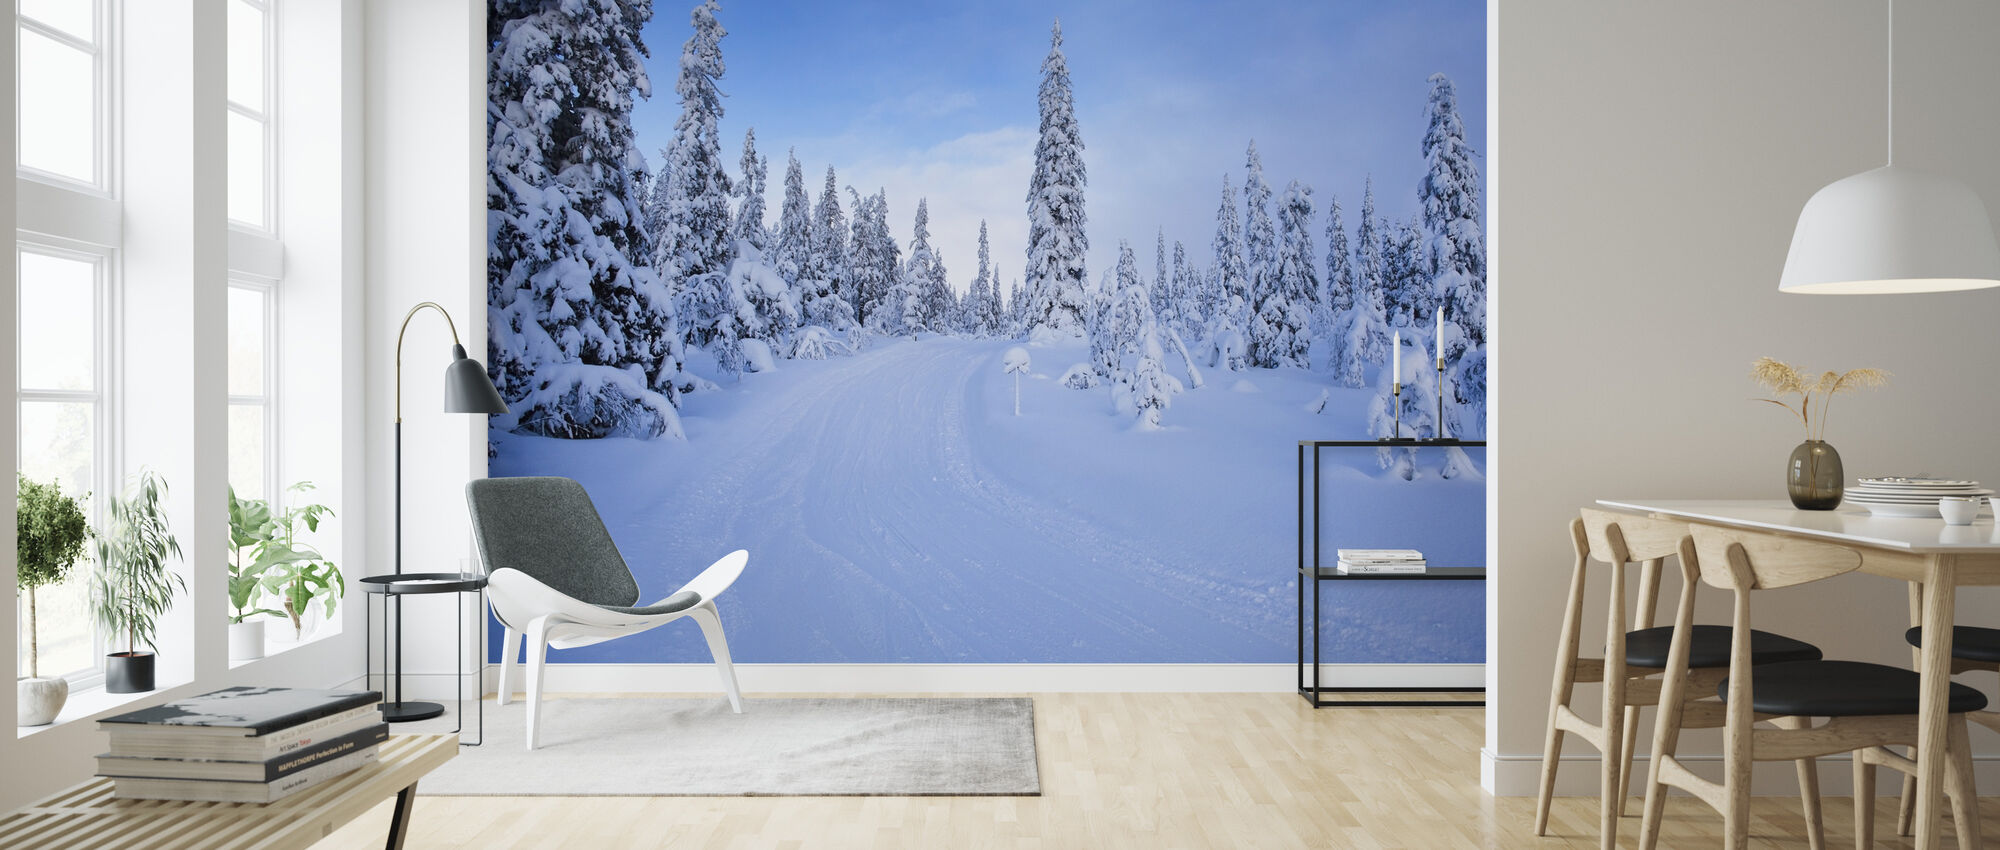 Ski track in Dalarna, Sweden - Wallpaper - Living Room